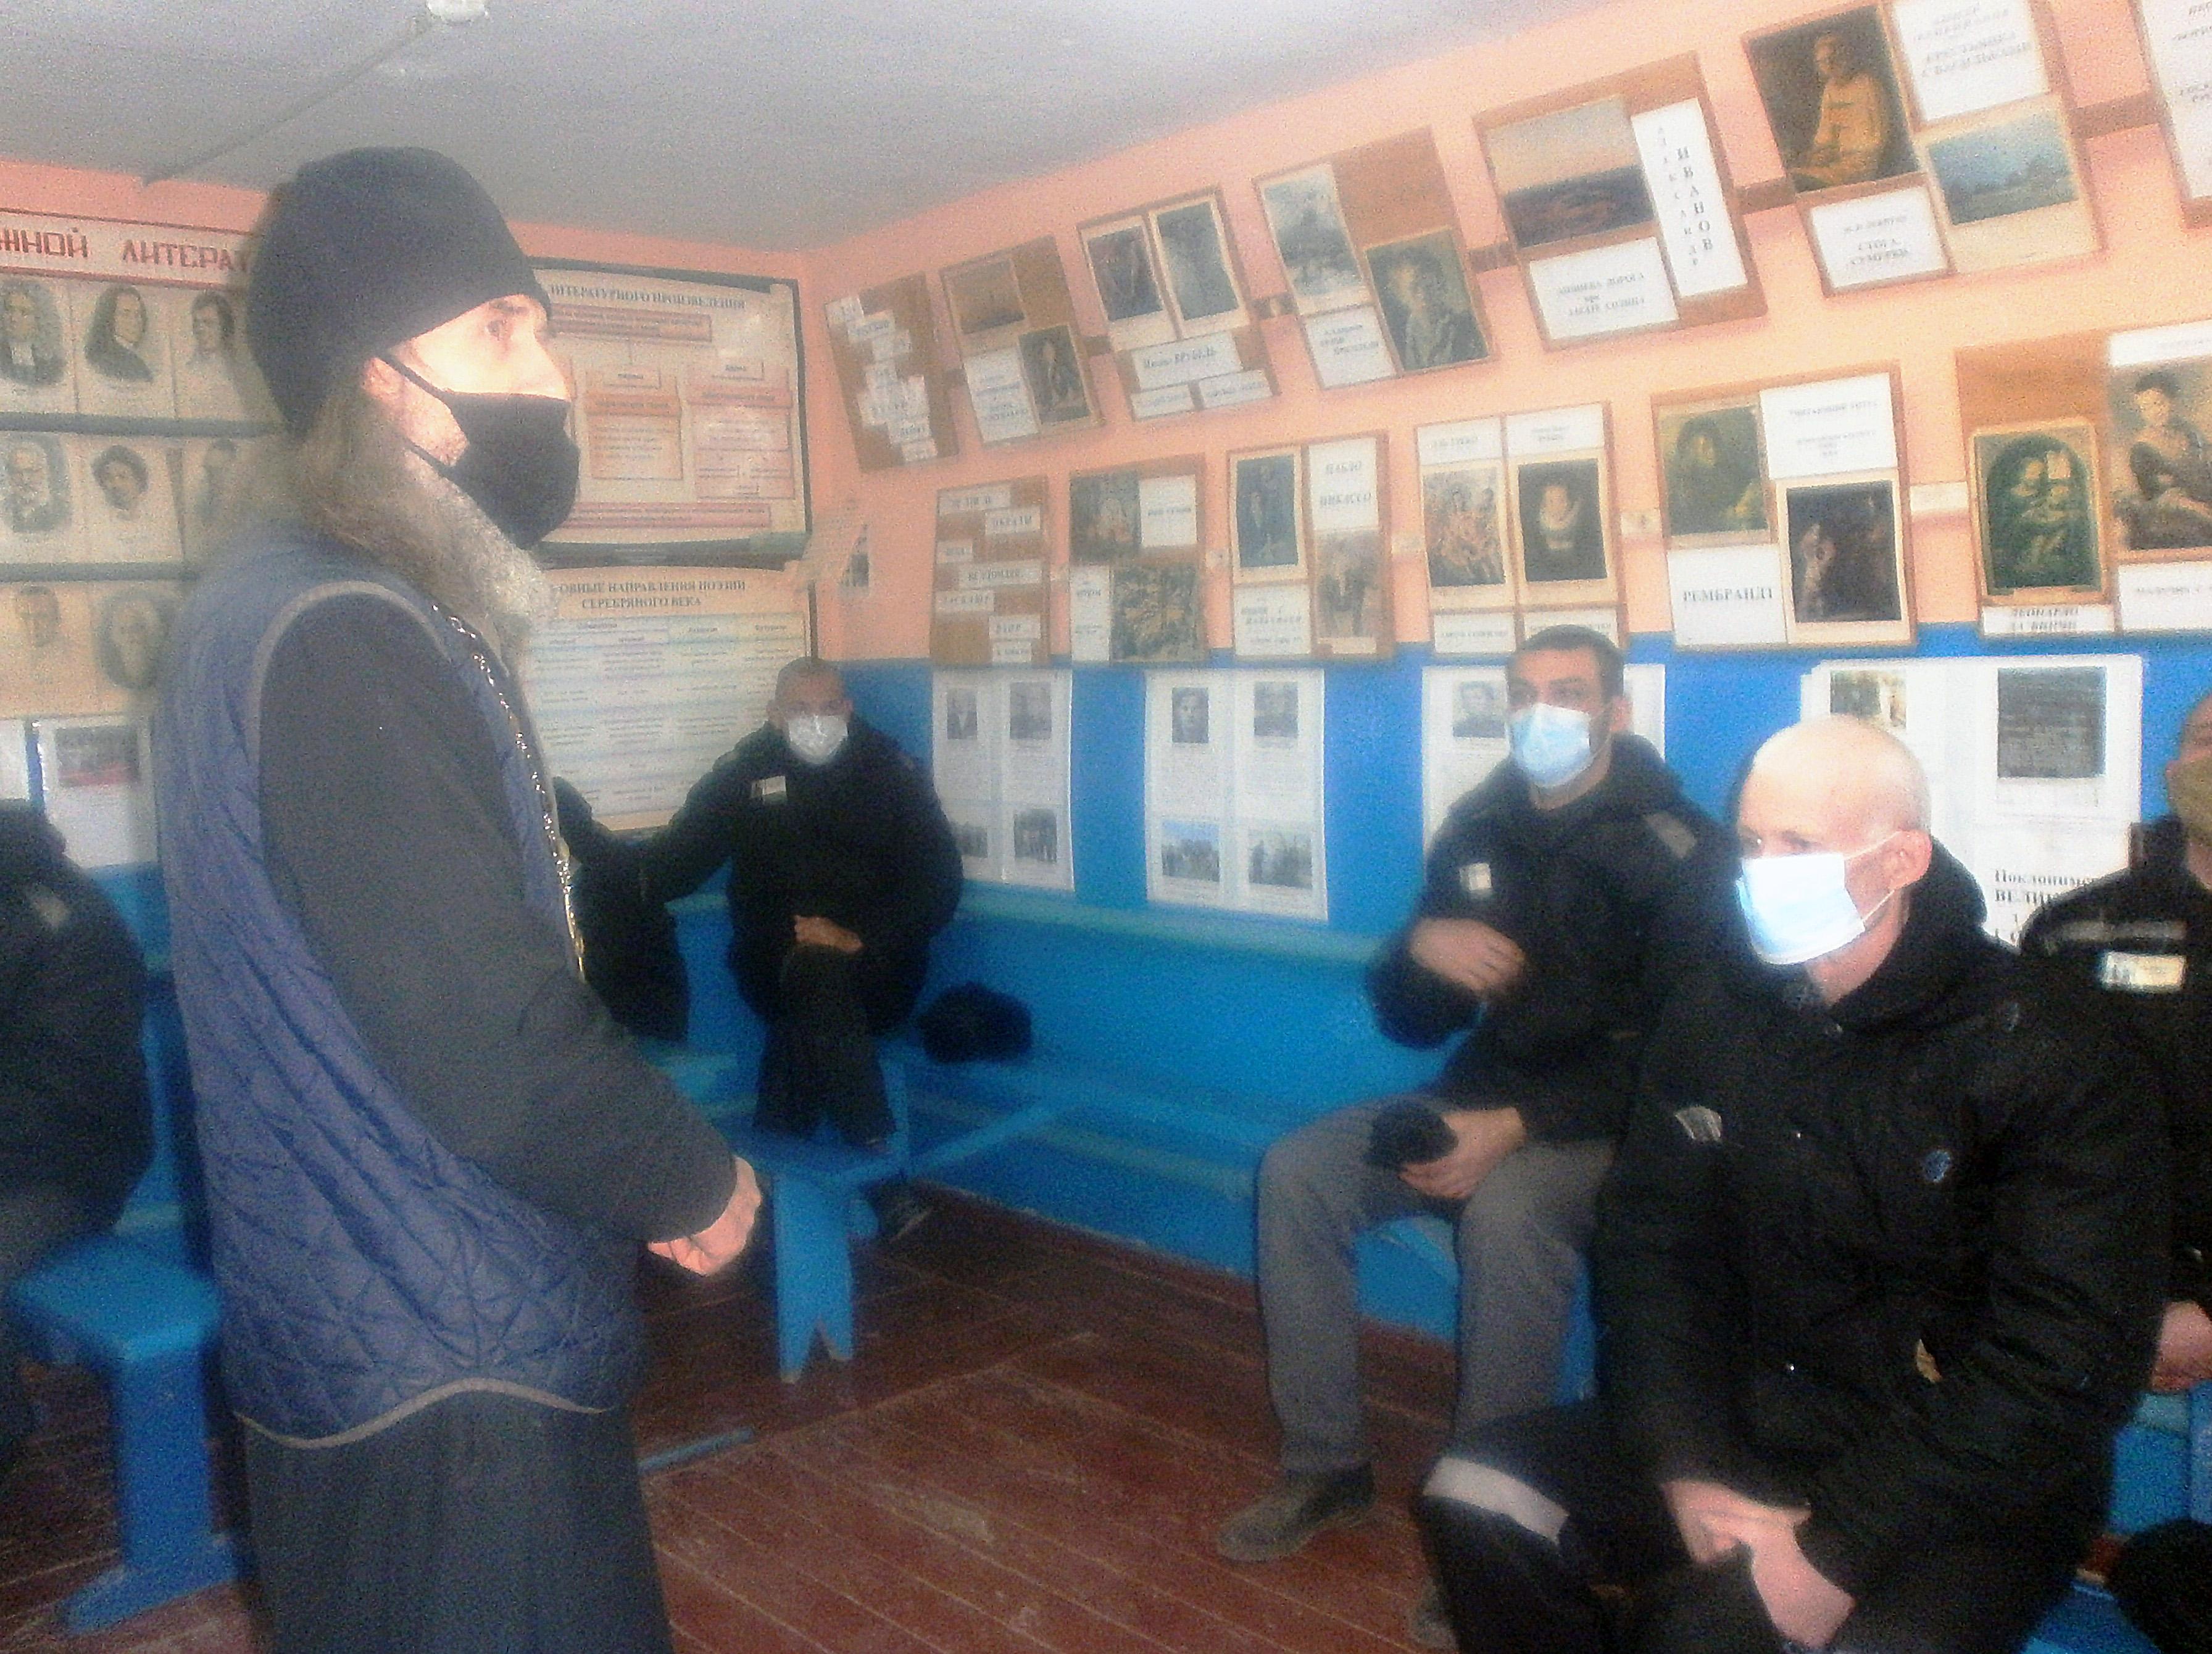 Священнослужитель Волгодонской Епархии РПЦ посетил осужденных ИК-5 г. Константиновска